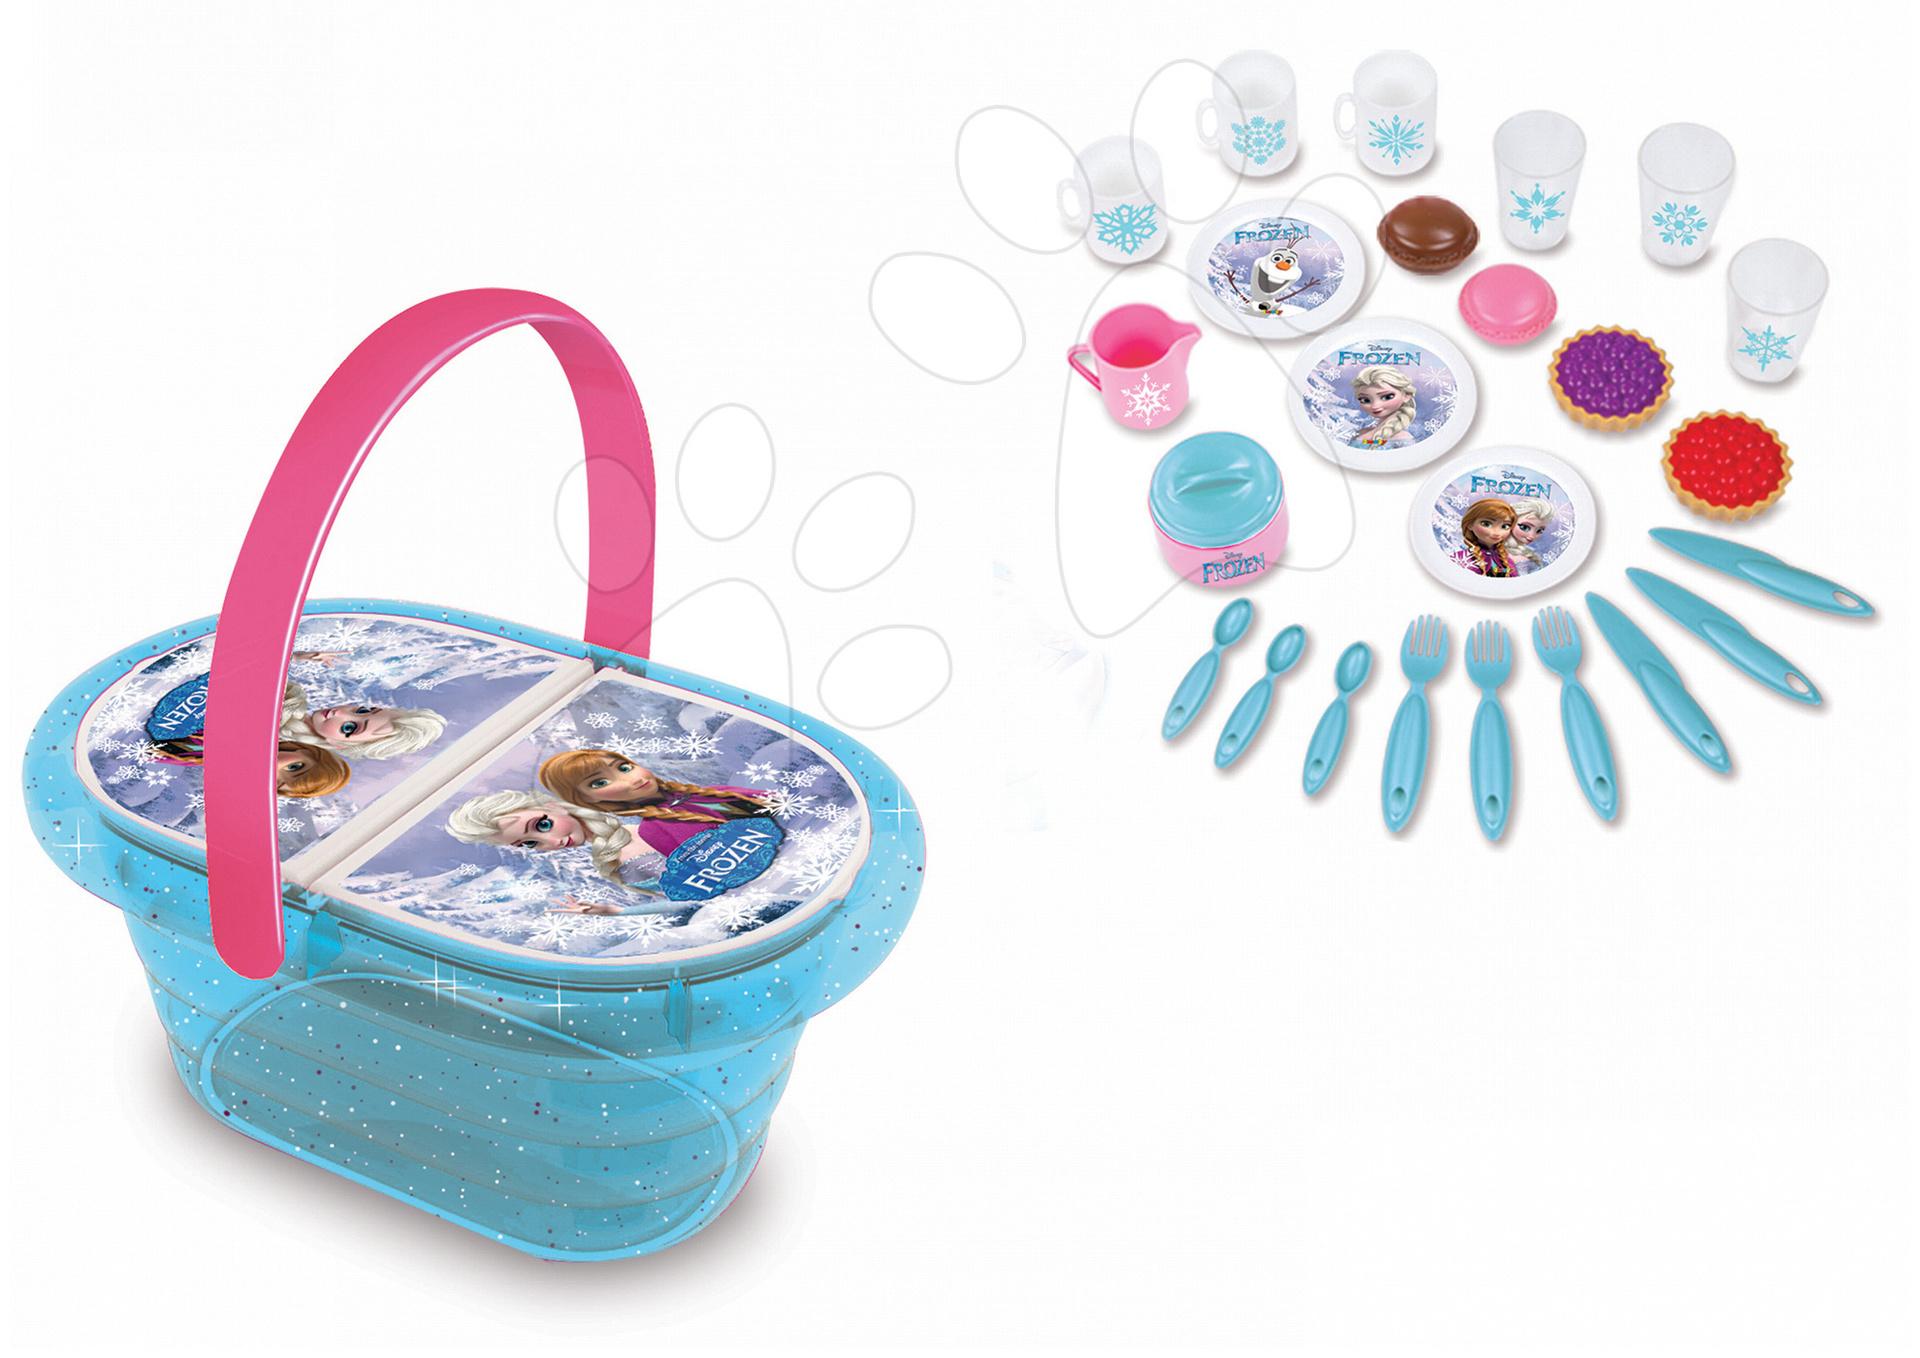 Riadíky a doplnky kuchynky - Piknikový košík Frozen Smoby s trblietkami s 24 doplnkami